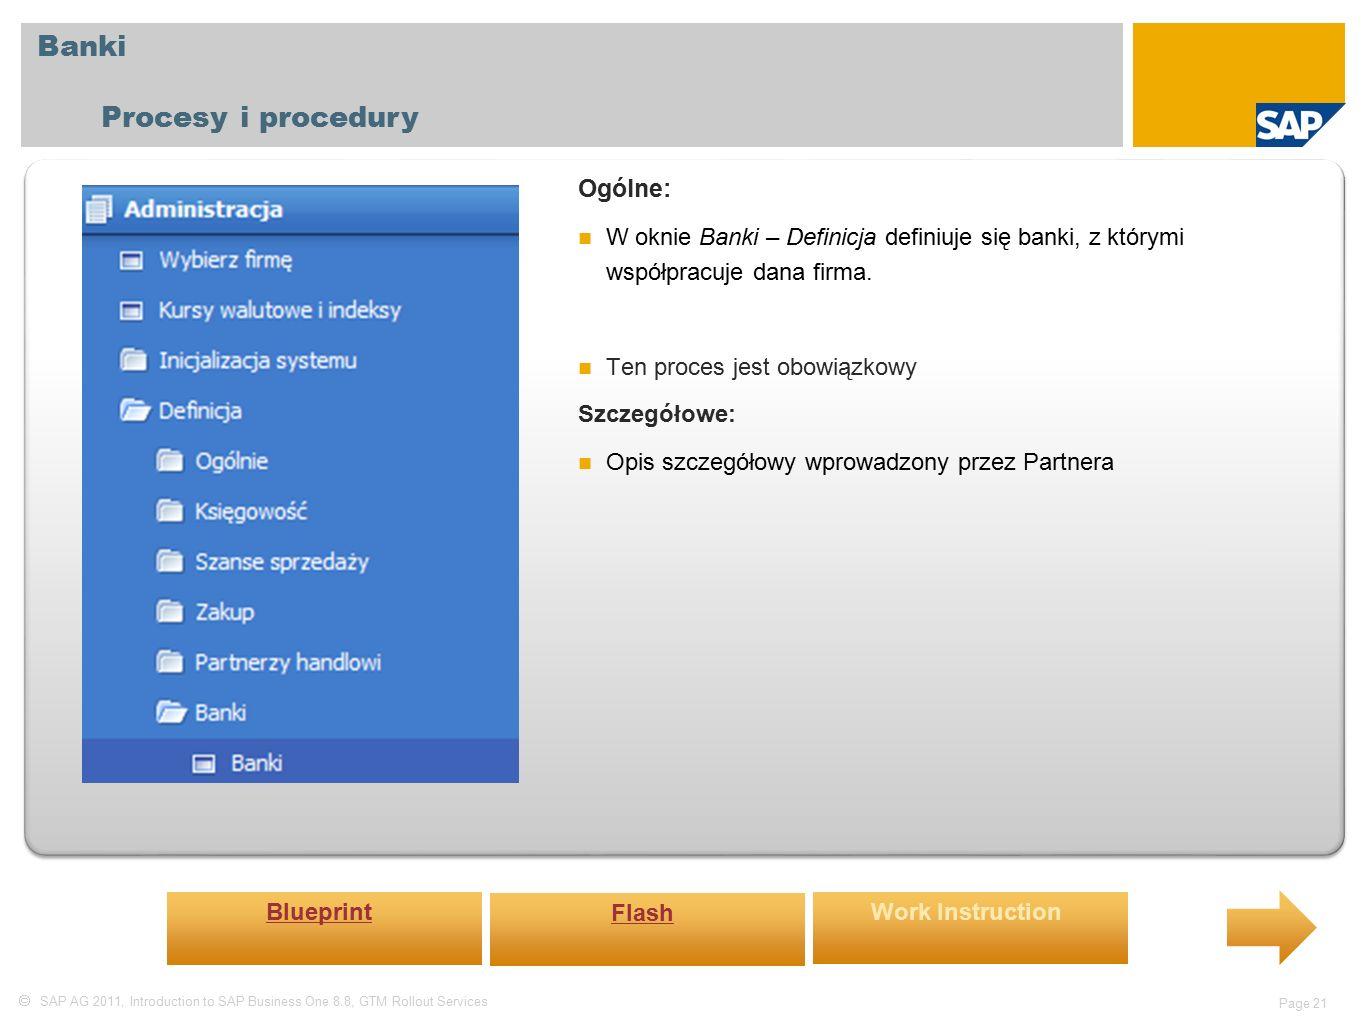  SAP AG 2011, Introduction to SAP Business One 8.8, GTM Rollout Services Page 21 Banki Procesy i procedury Ogólne: W oknie Banki – Definicja definiuje się banki, z którymi współpracuje dana firma.